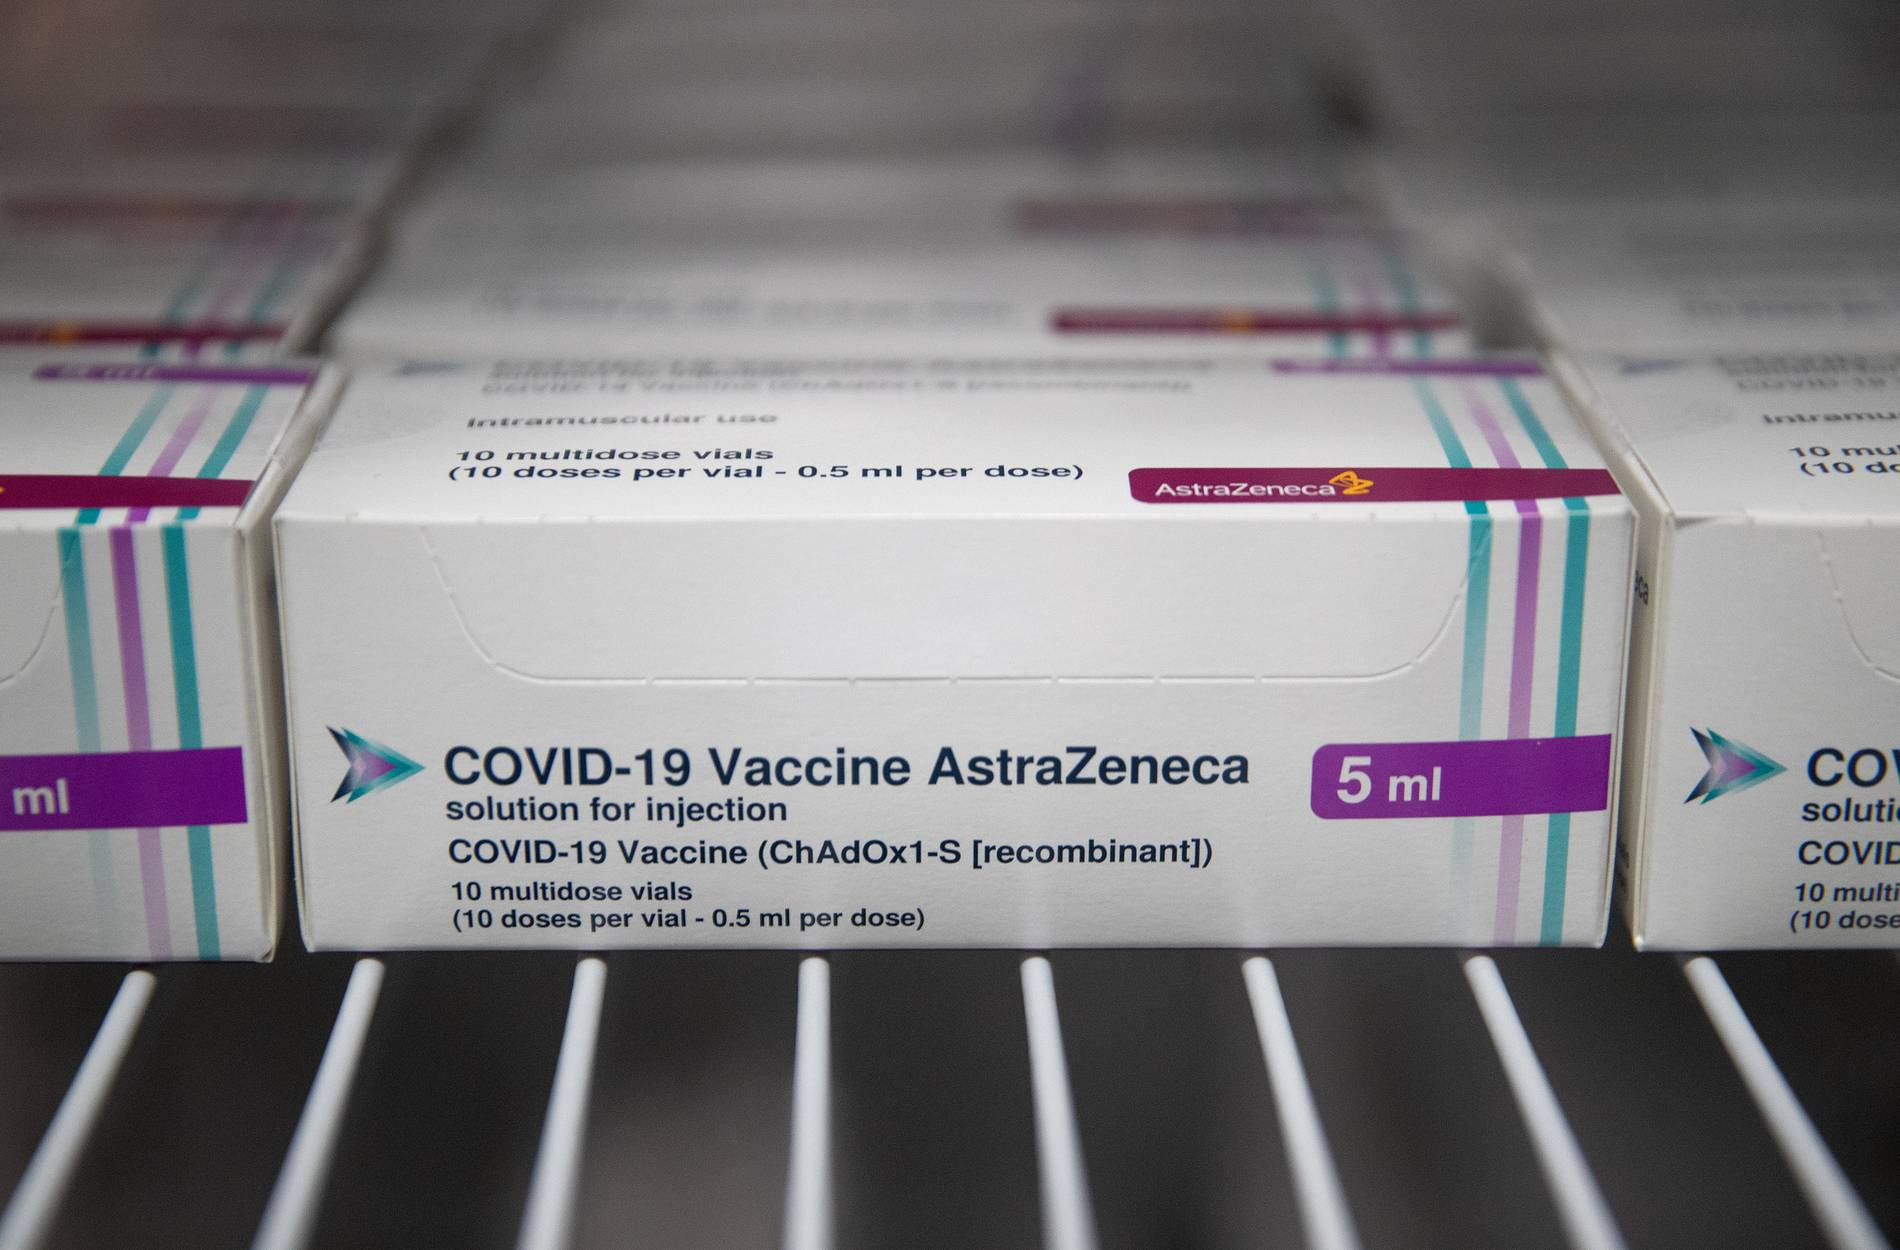 Stiko empfiehlt AstraZeneca-Impfstoff nur für unter 65-Jährige